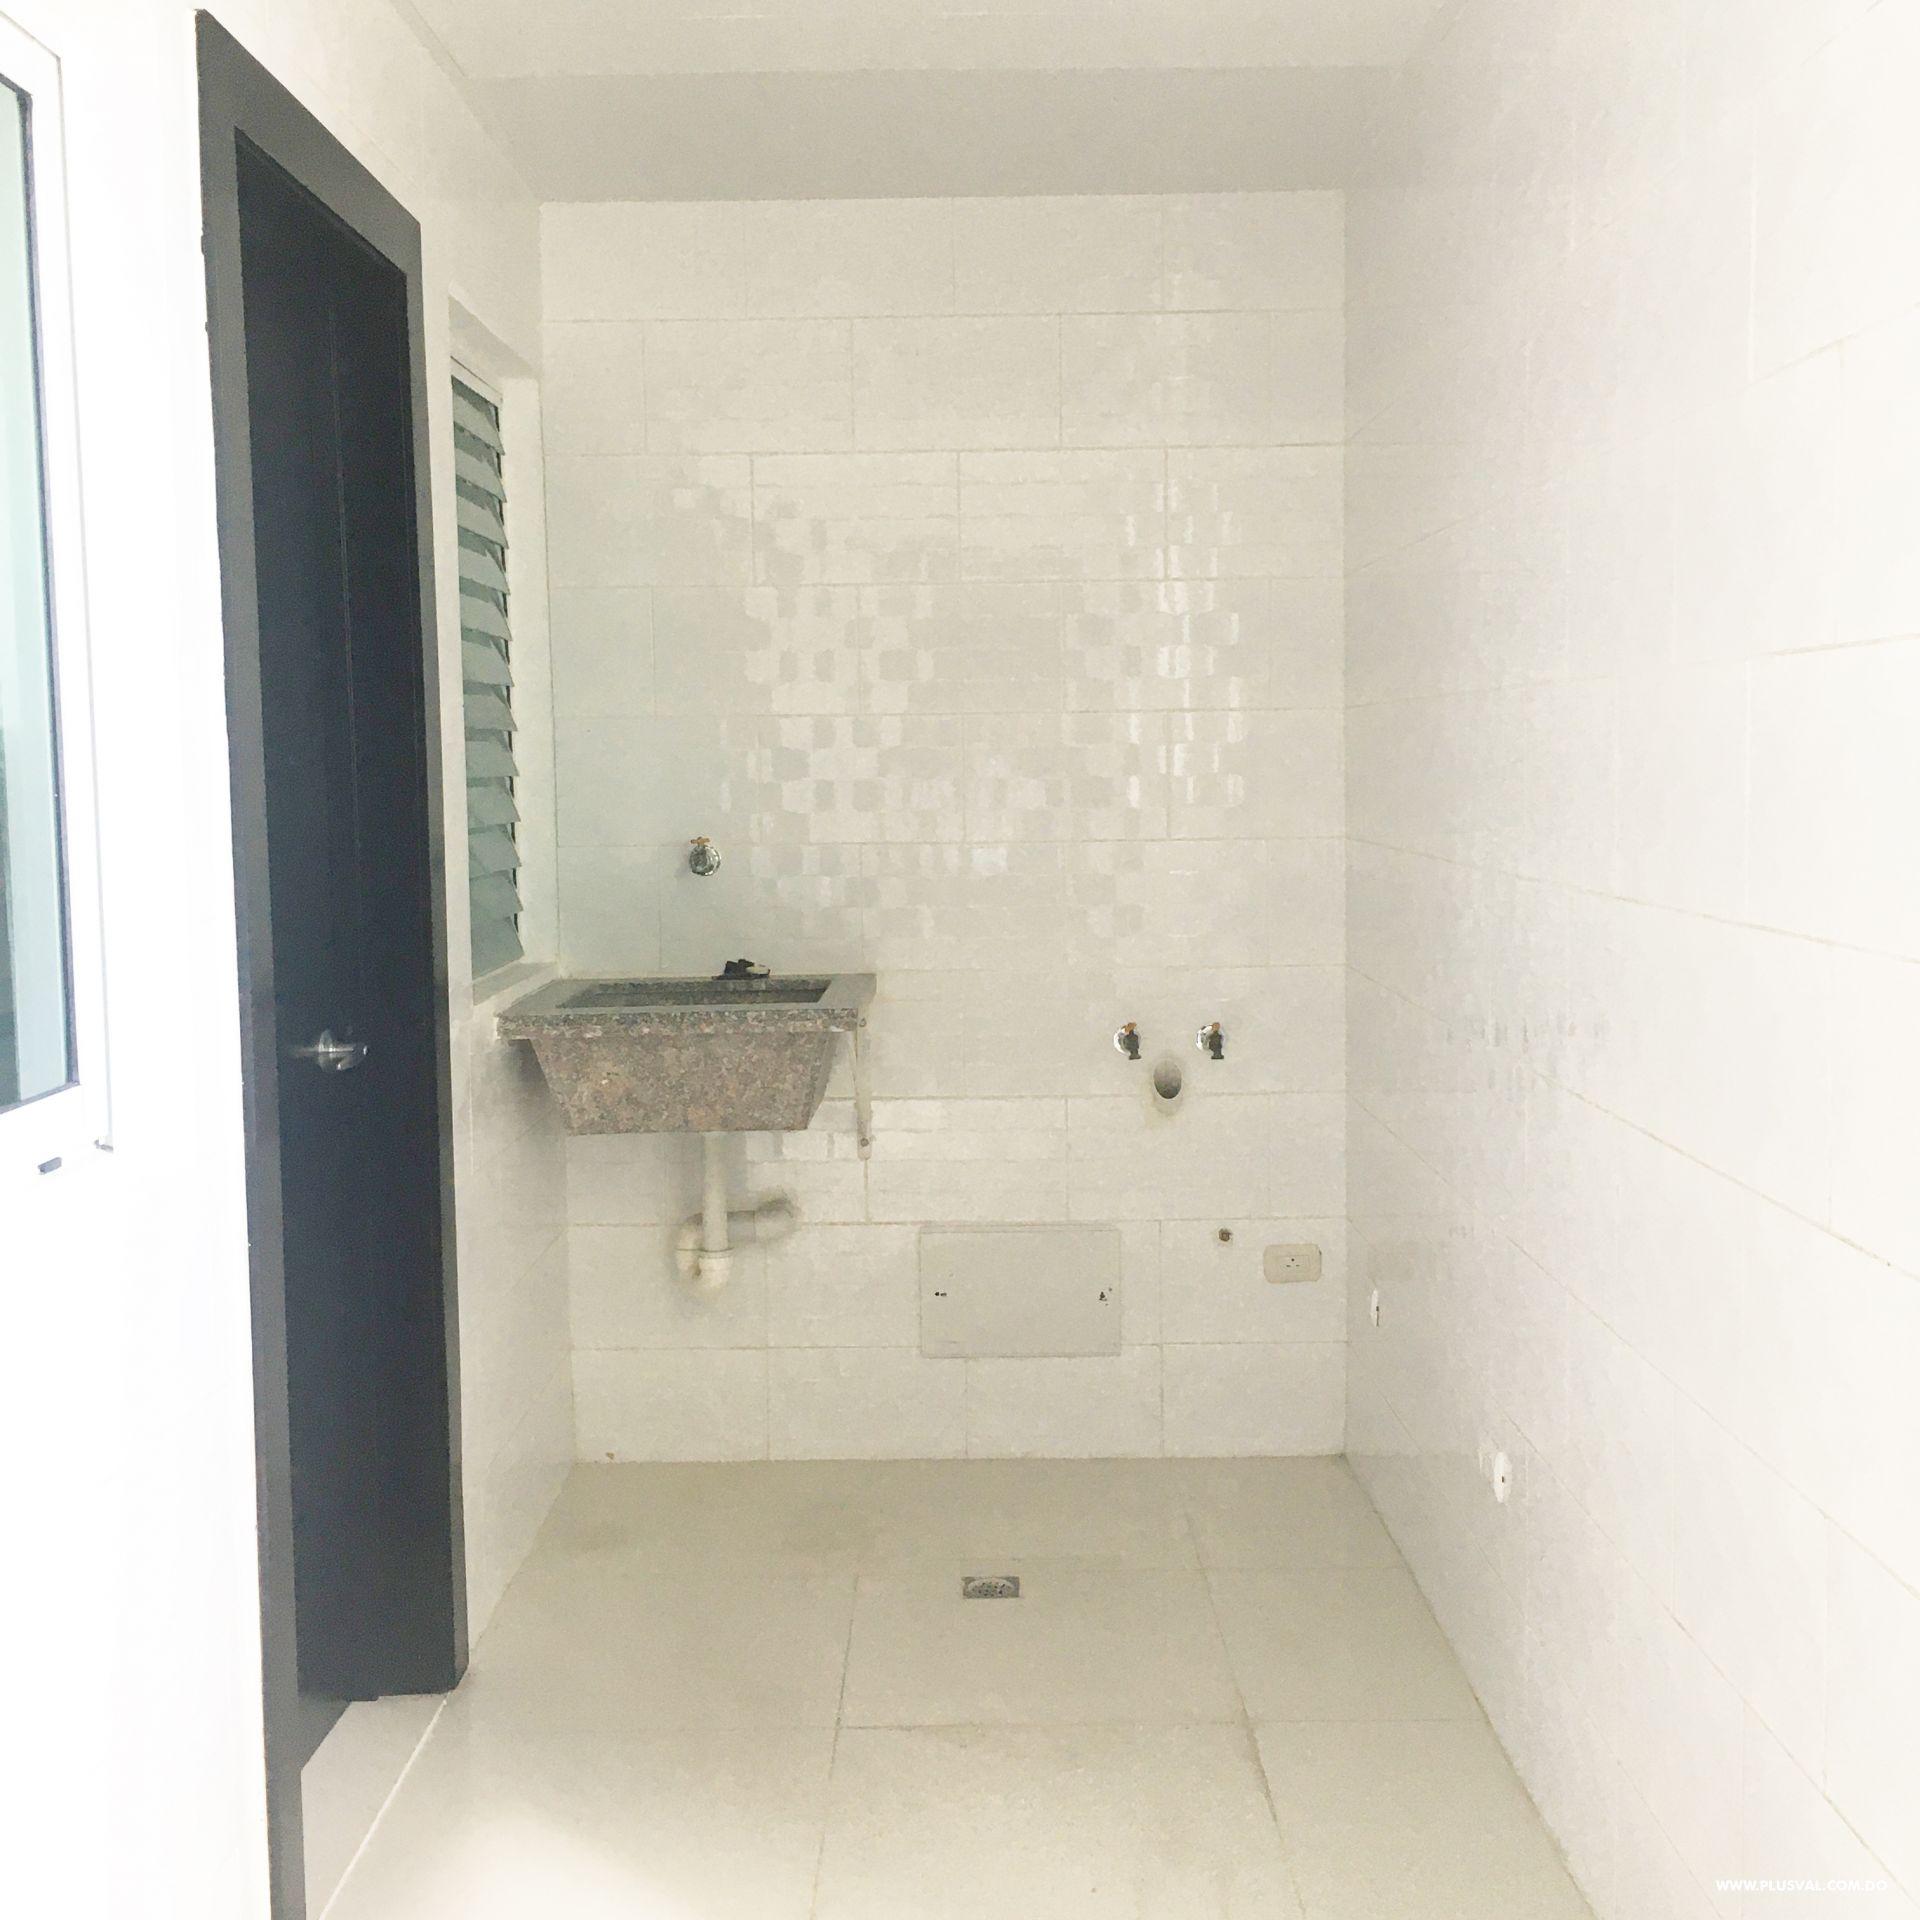 Penthouse en venta, Mirador Norte 169503